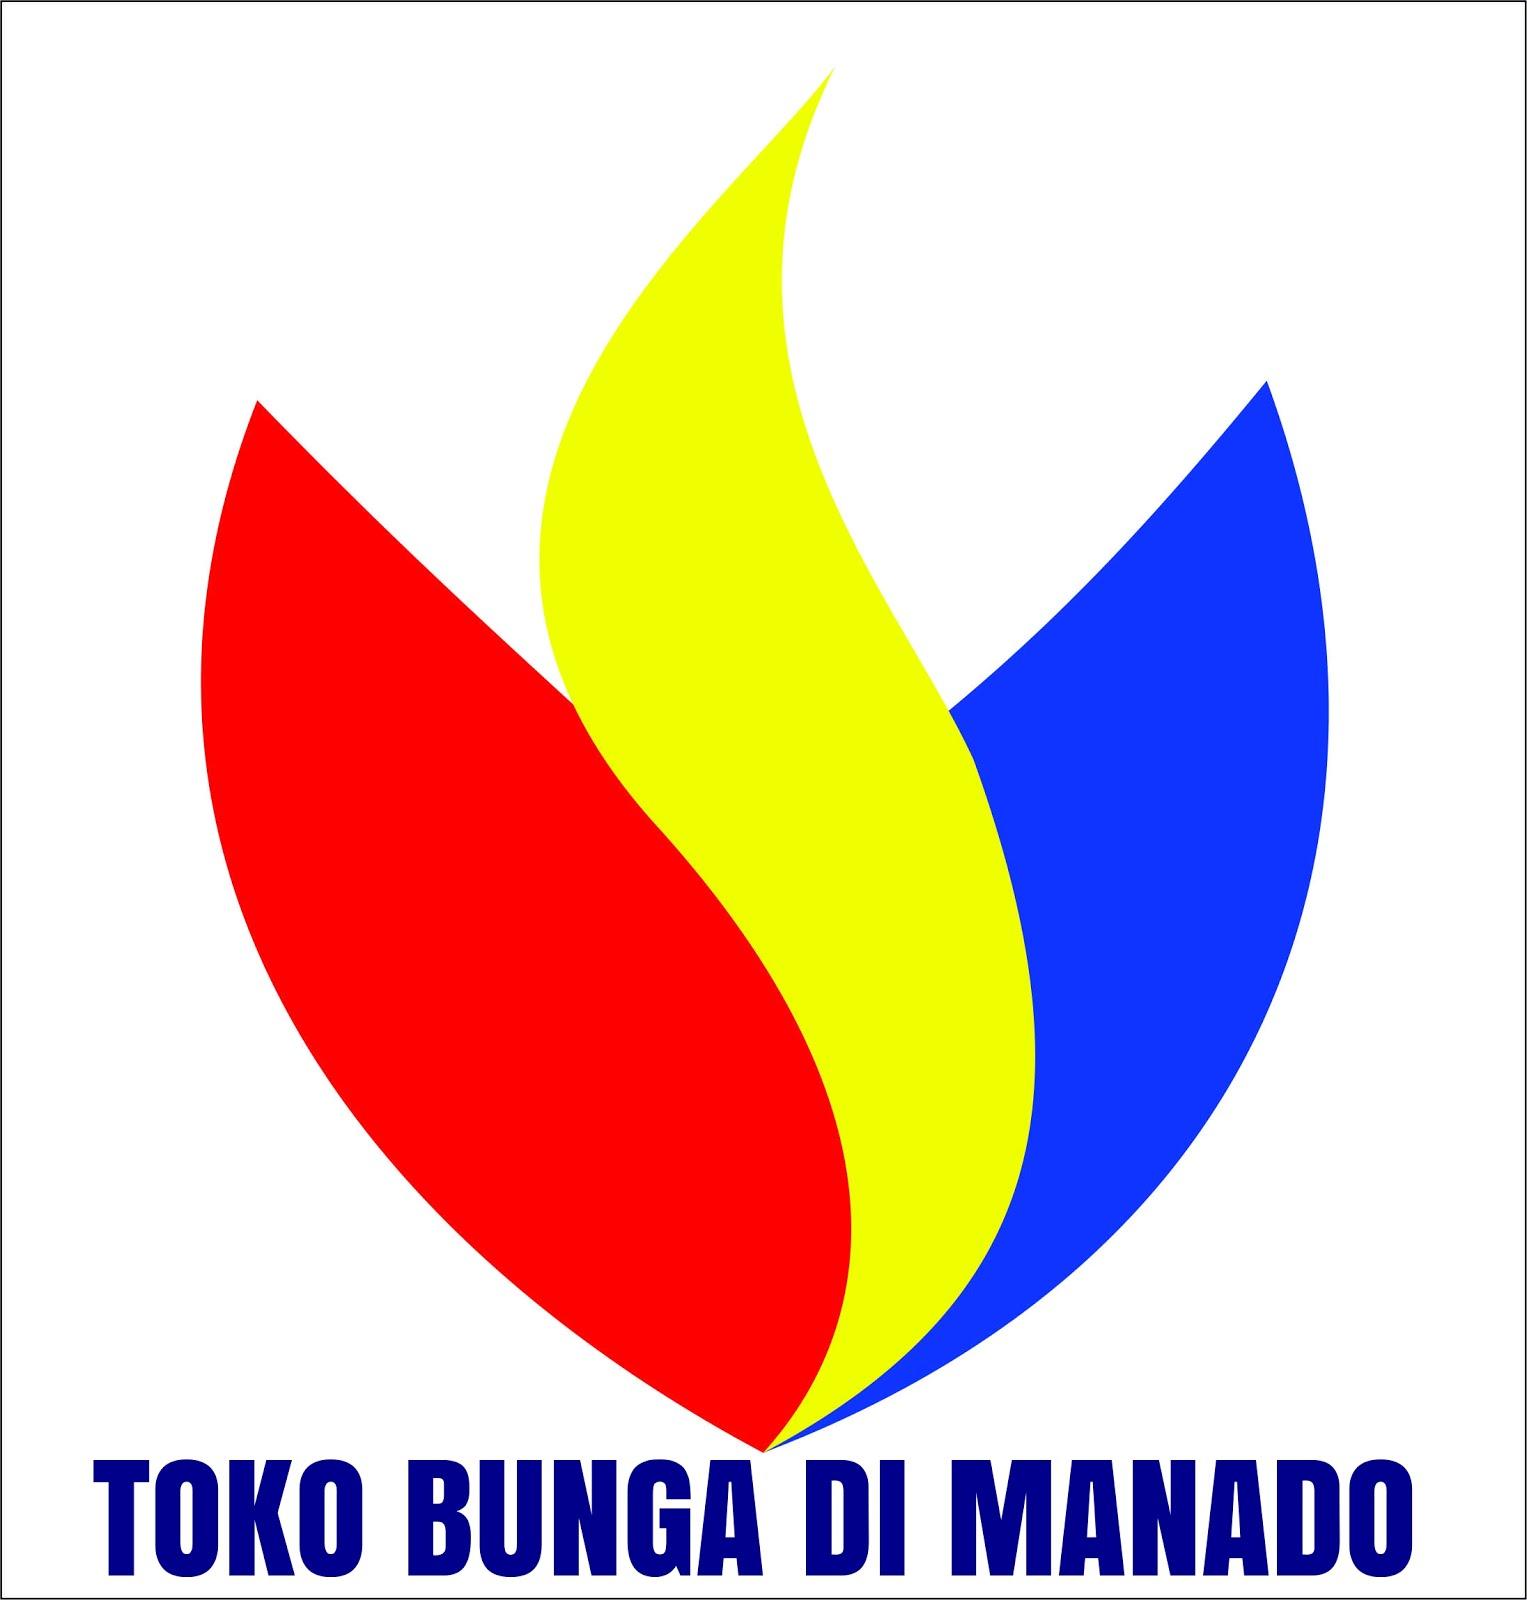 Toko Bunga di Manado